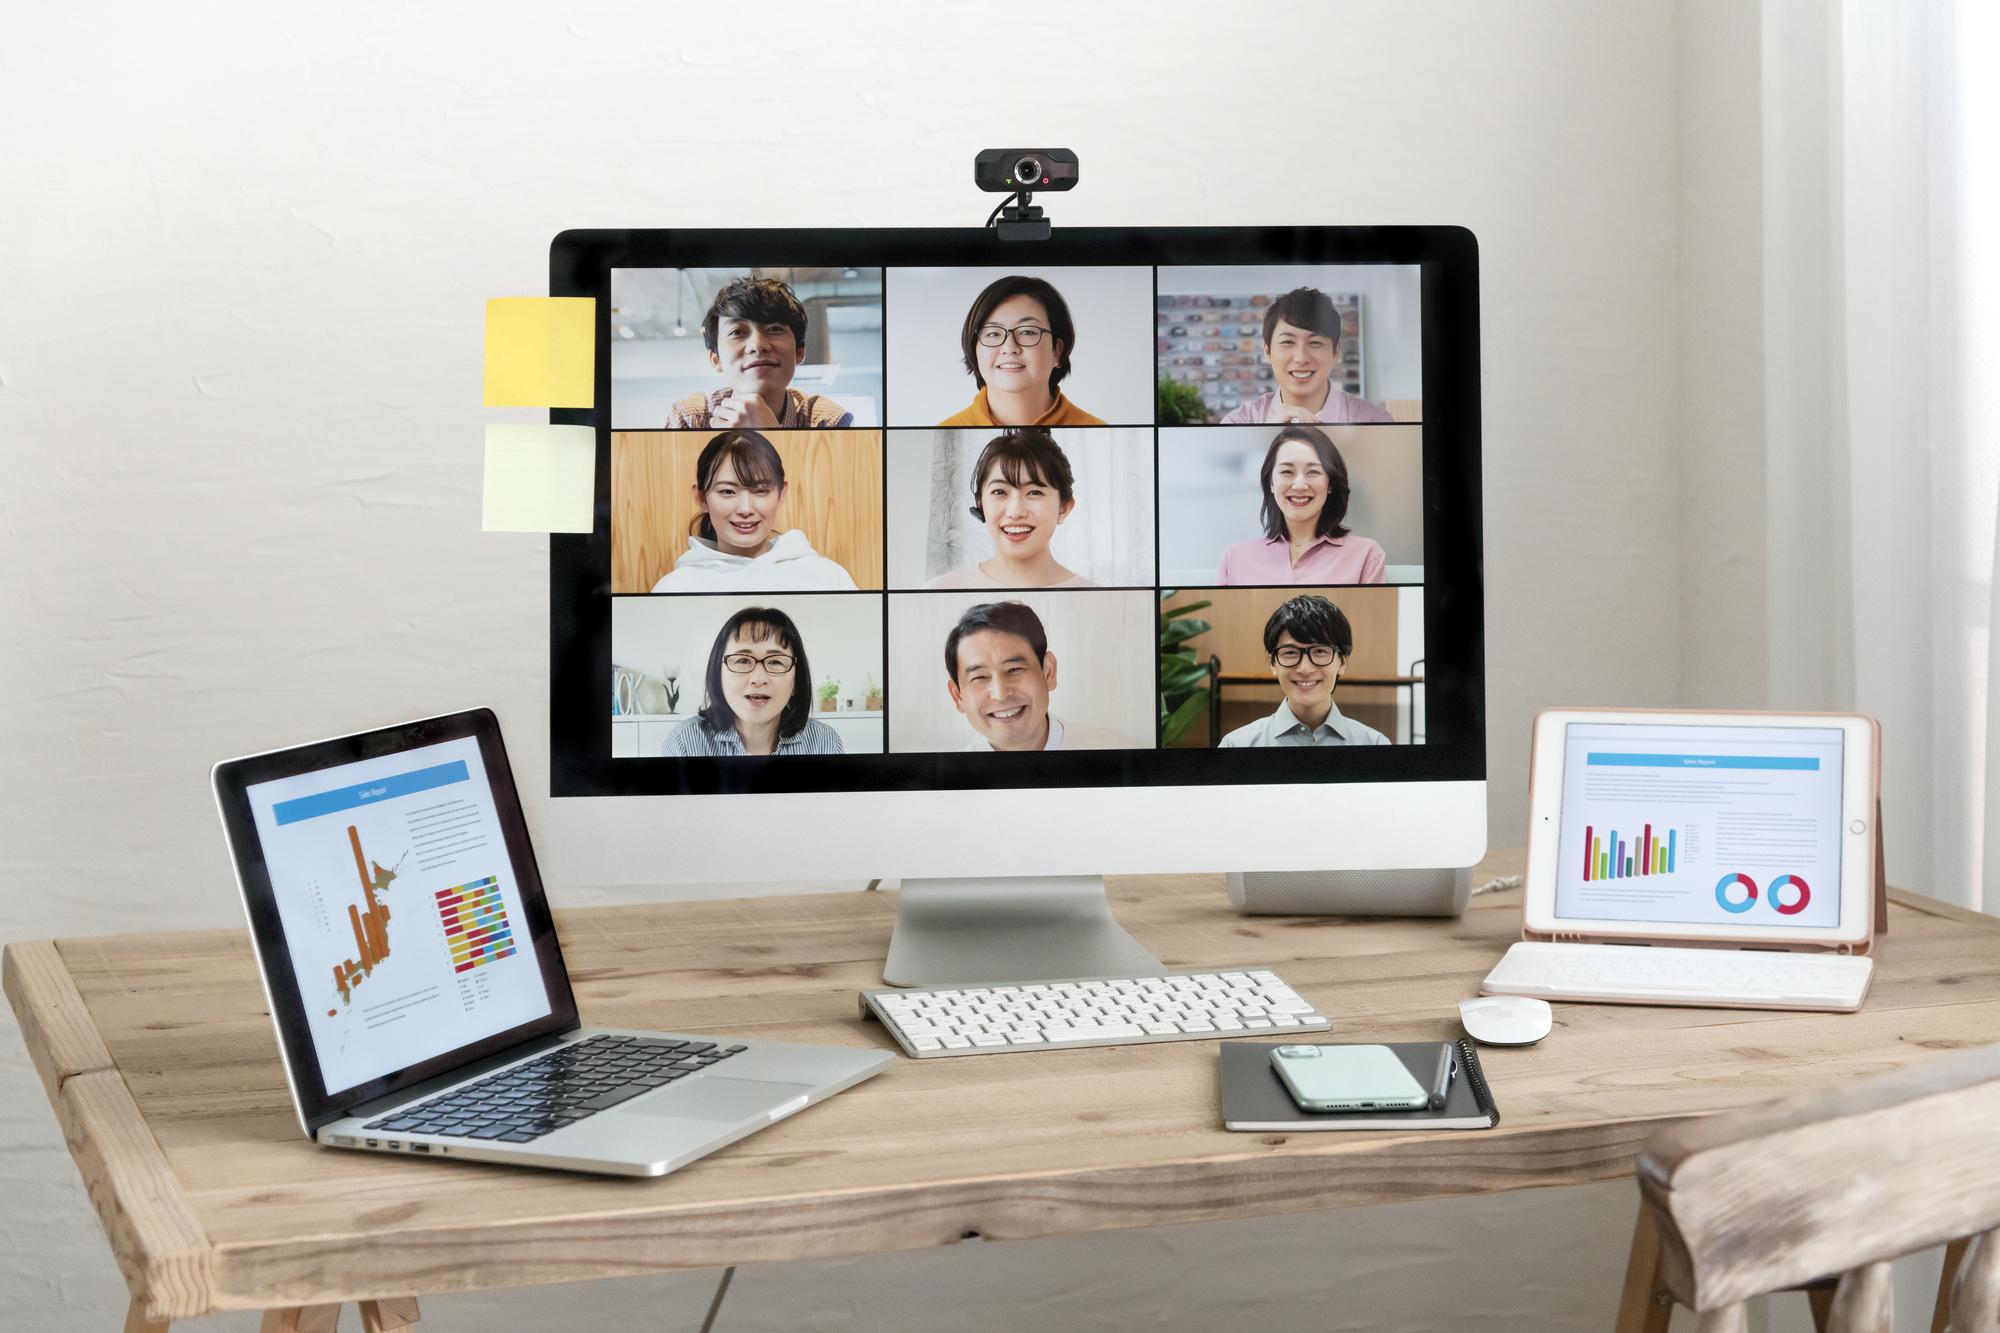 コミュニケーションの課題とは?withコロナのオフィス事情について考えてみた TIME SHARING タイムシェアリング  スペースマネジメント あどばる adval SHARING